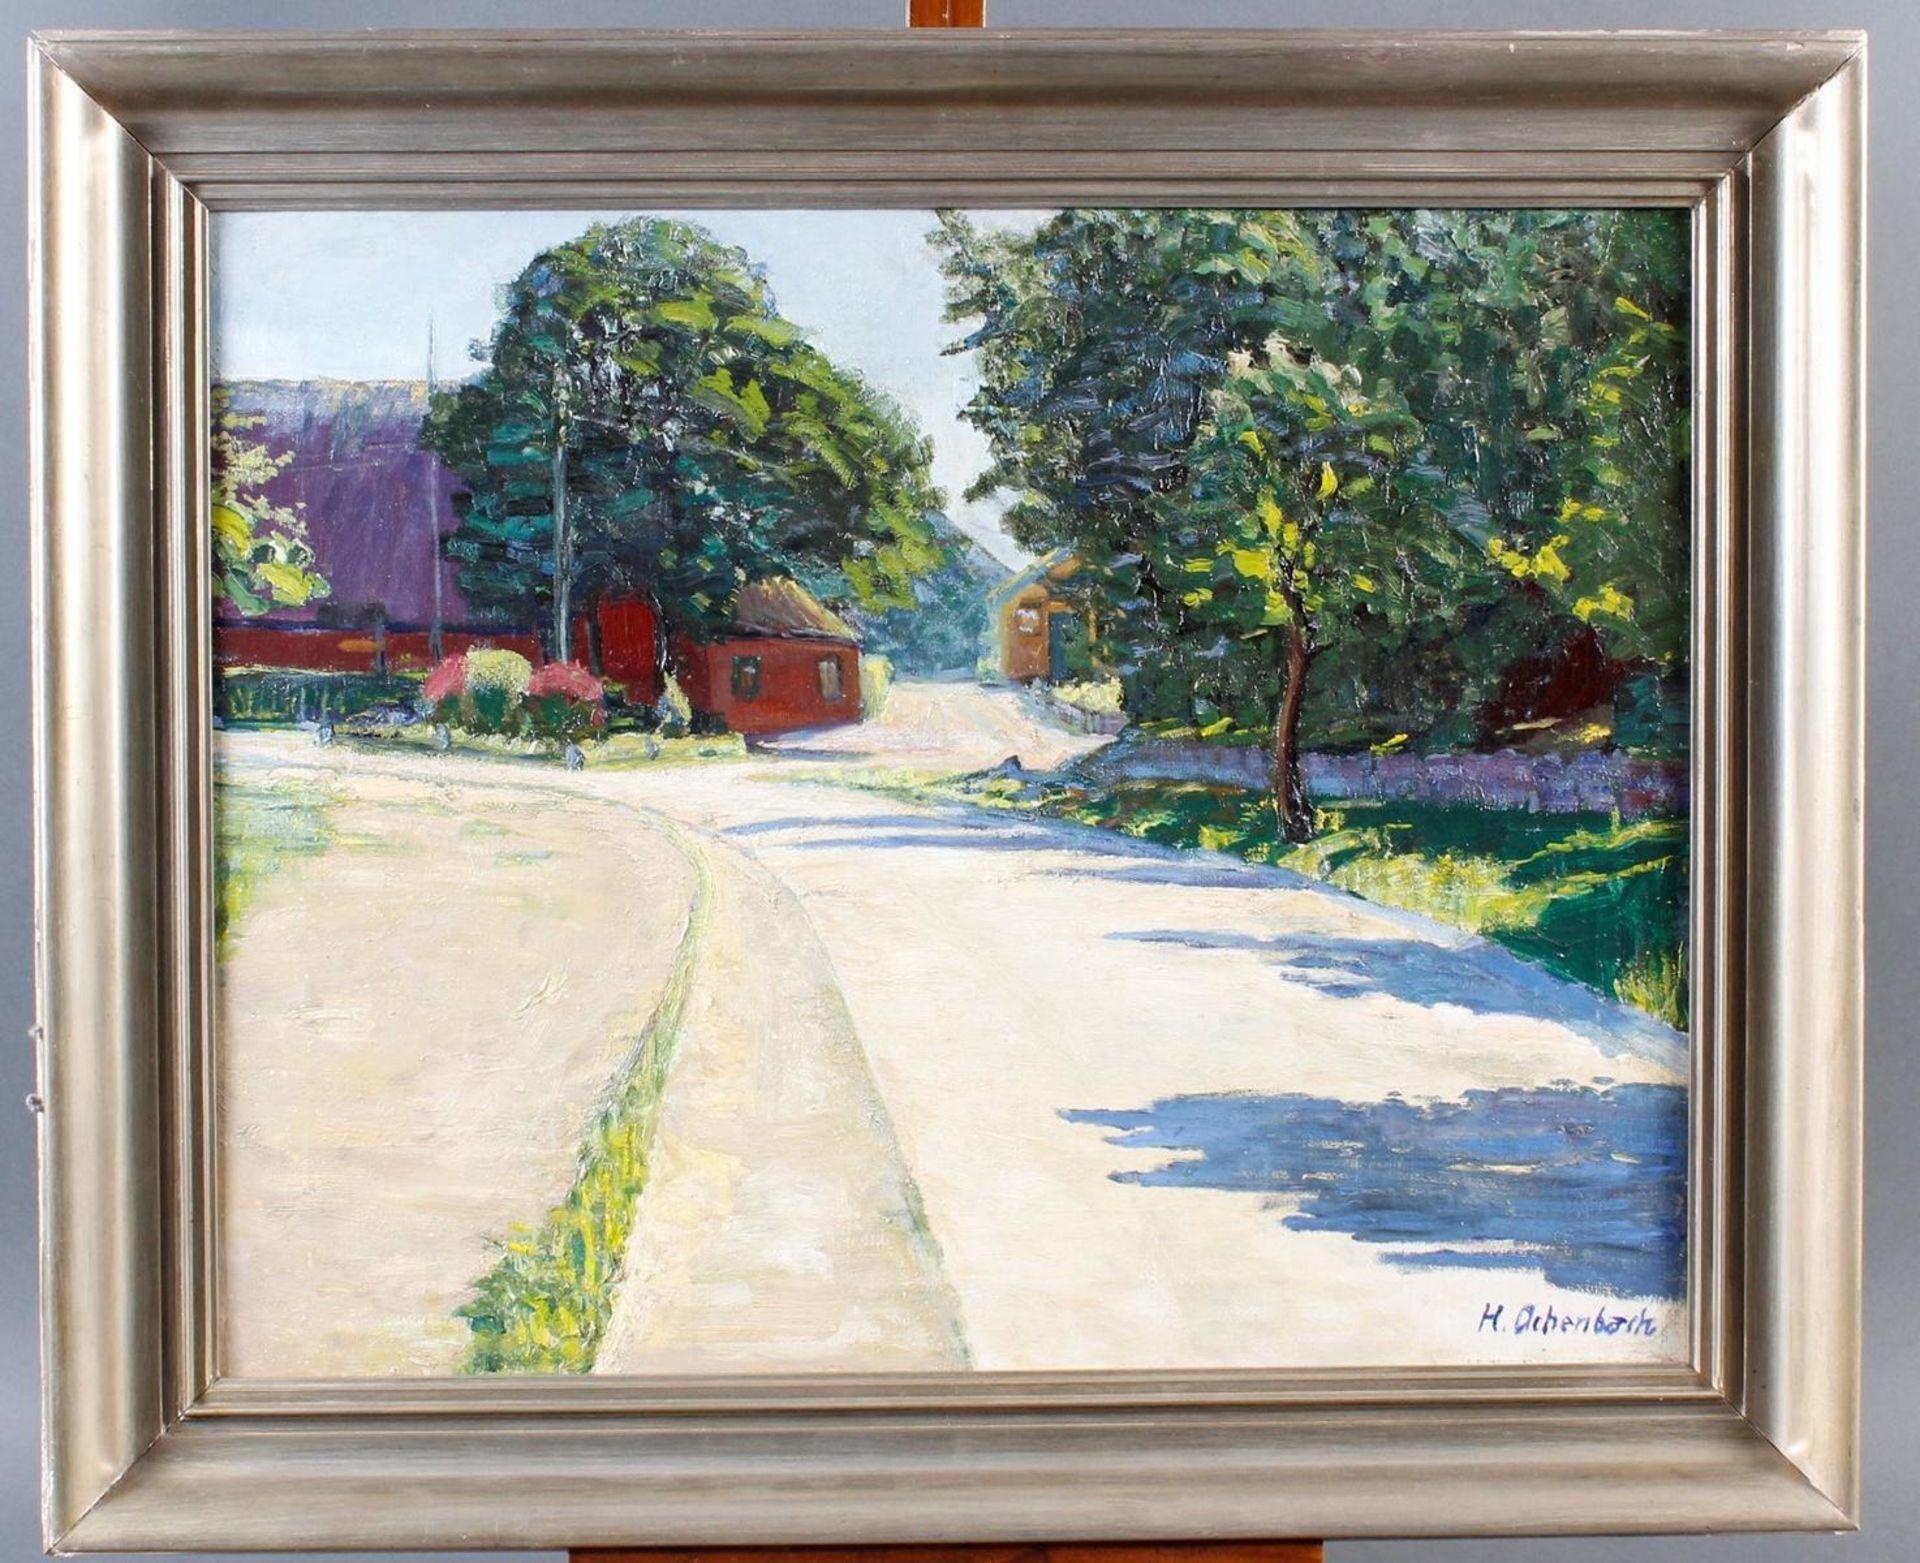 Hans Achenbach, (Plattenberg, 1891-1972)